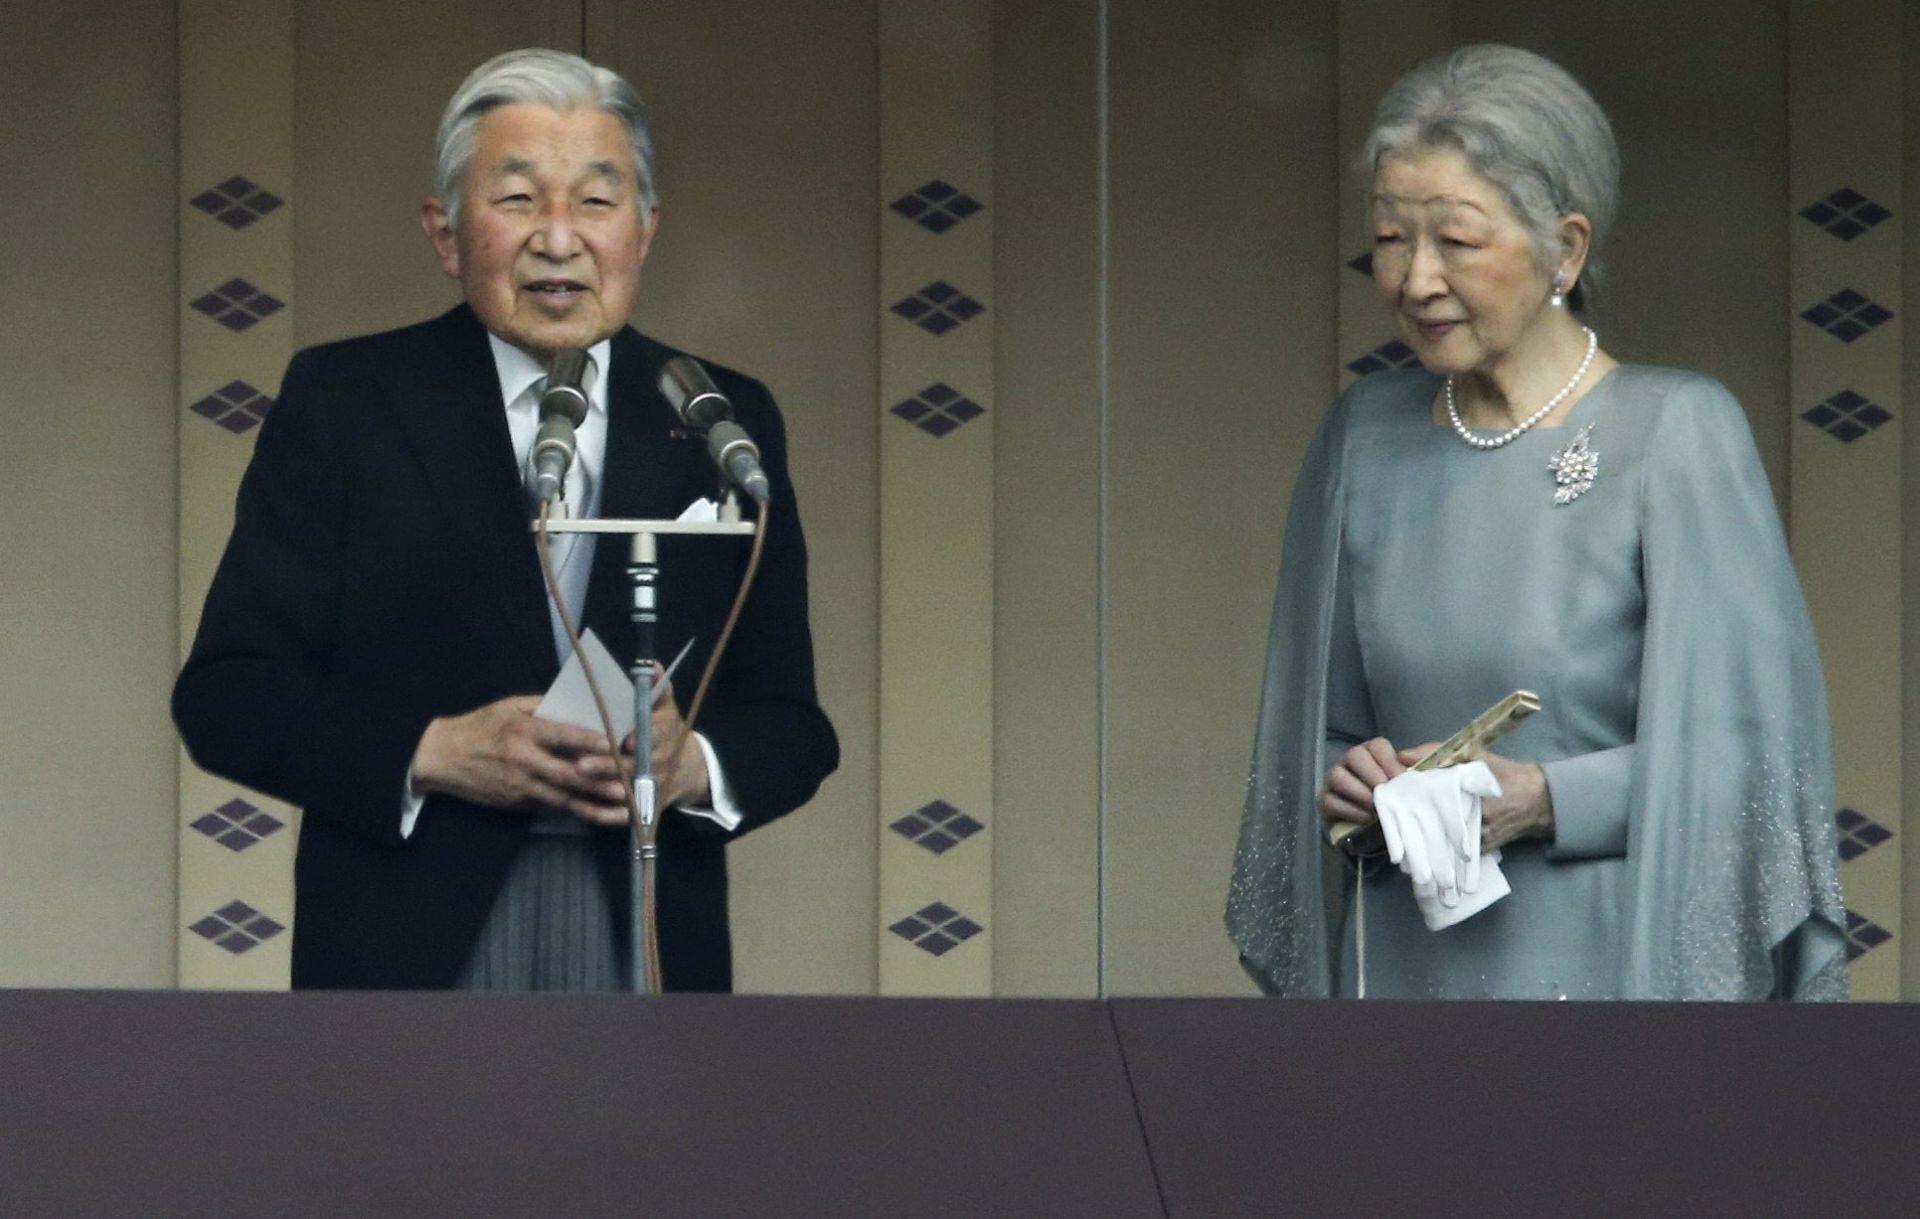 JAPANSKI CAR: Akihito zabrinut da će zbog zdravlja teško obavljati dužnosti